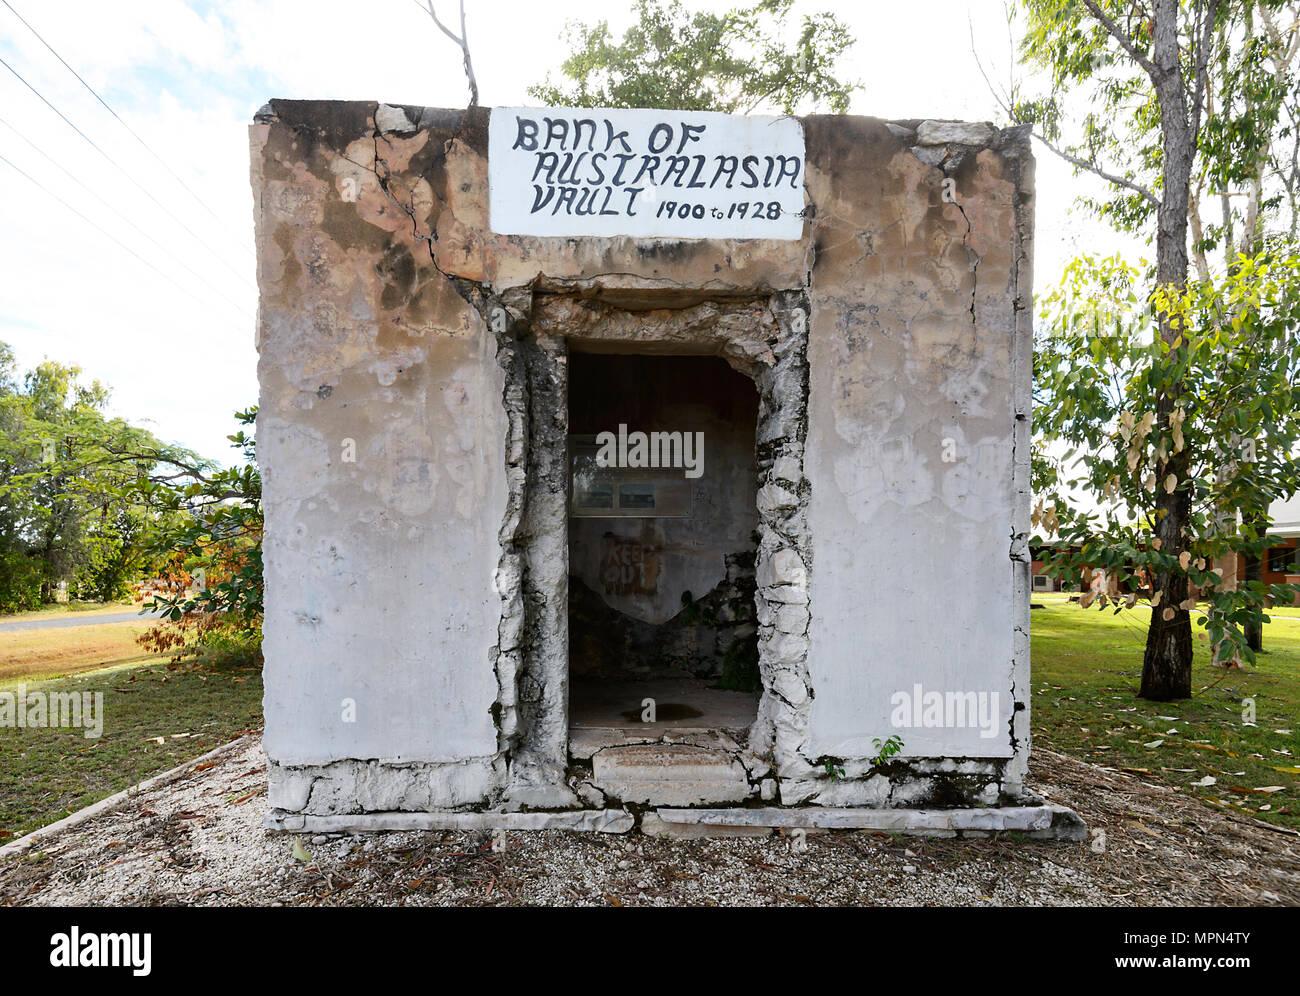 Ruines de Bank of Australasia vault dans la petite ville rurale de Chillagoe, Far North Queensland, Queensland, Australie, FNQ Photo Stock